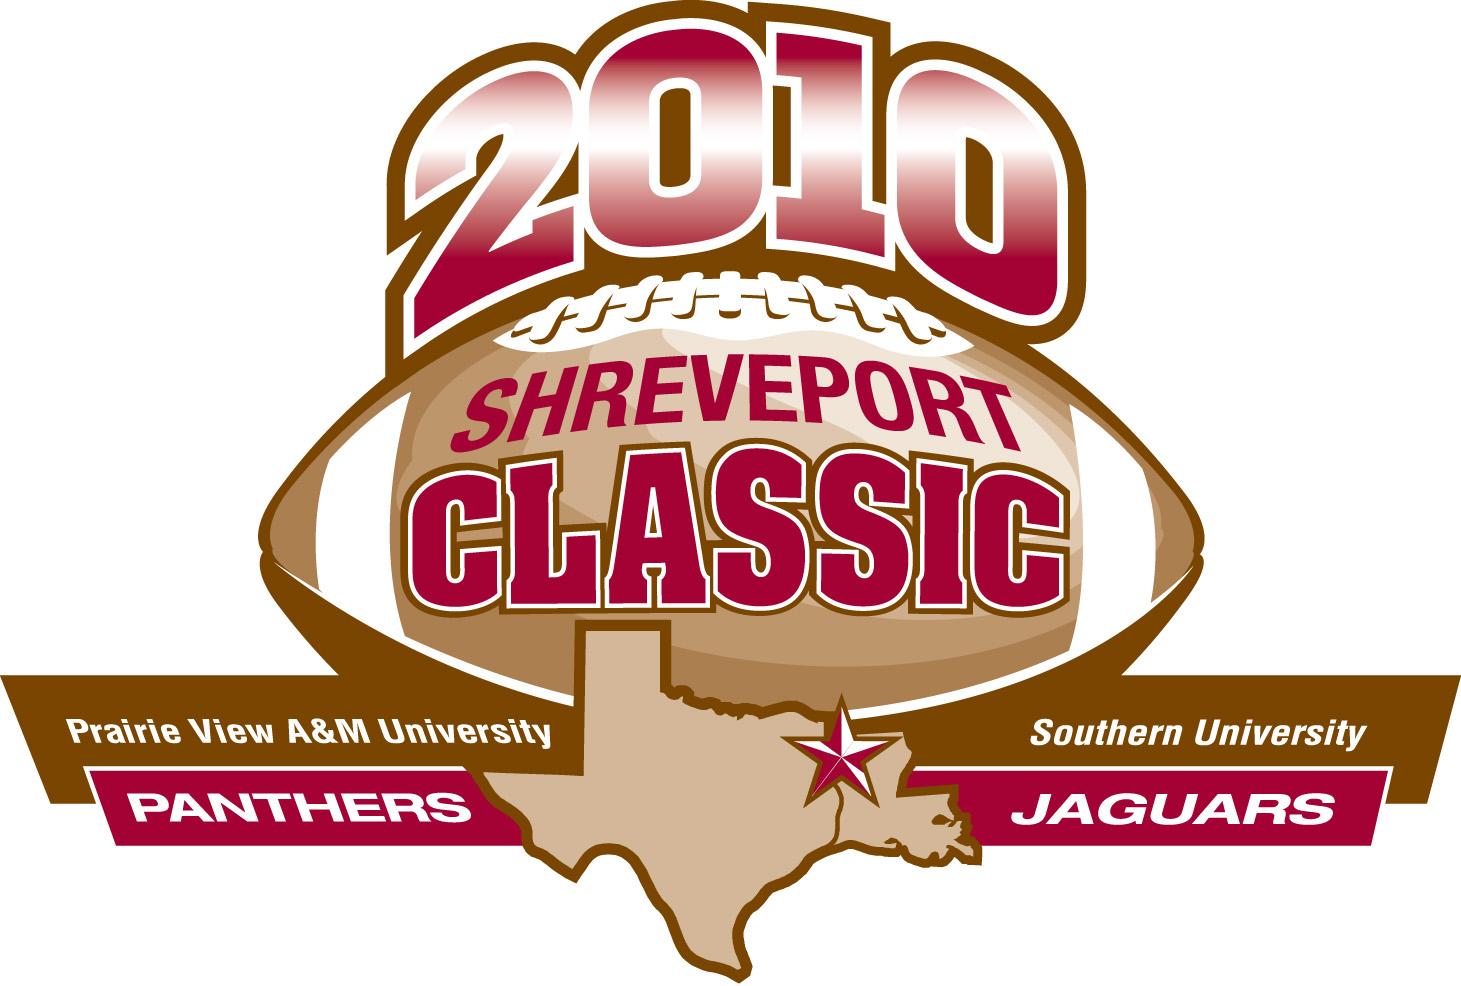 Southern University Jaguars Logo